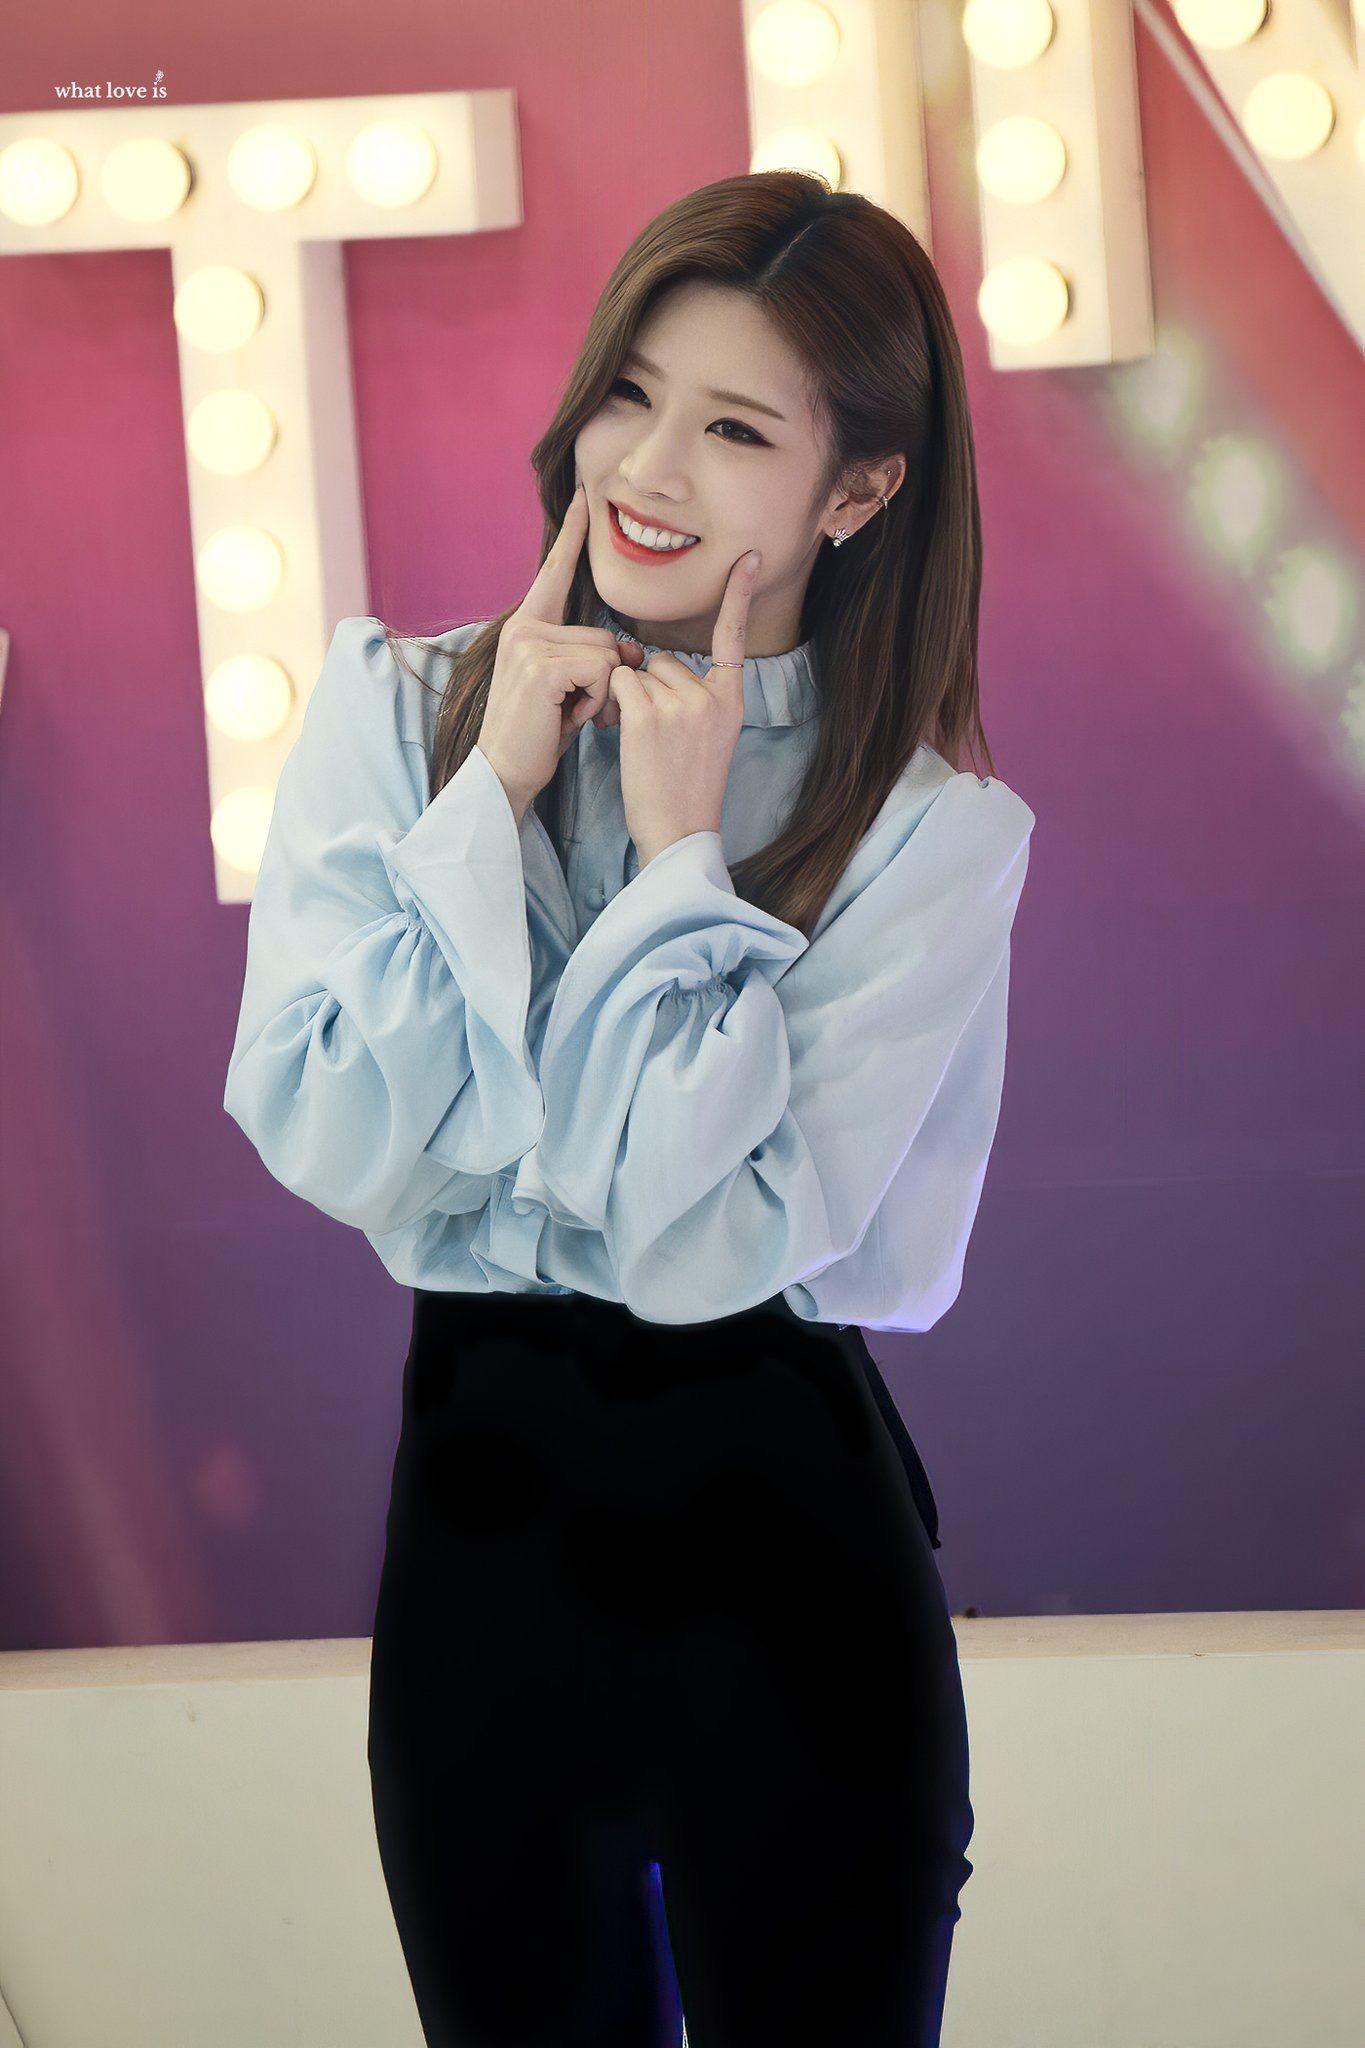 190226 팬iN스타 #김립 #KIMLIP #이달의소녀 #LOONA in 2020